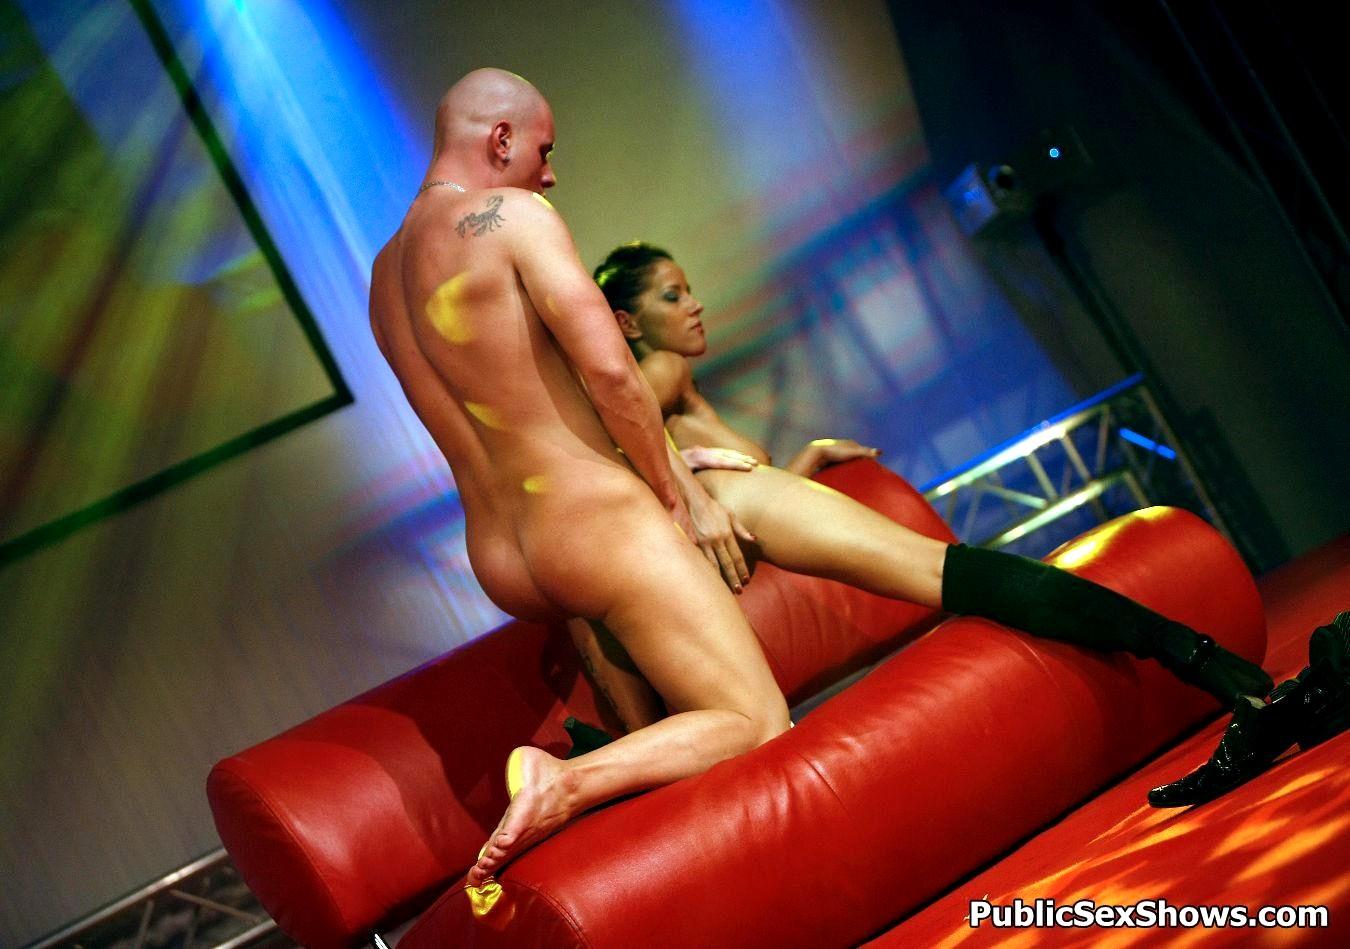 Live Shows Porn Pics, Live Show Sex Images